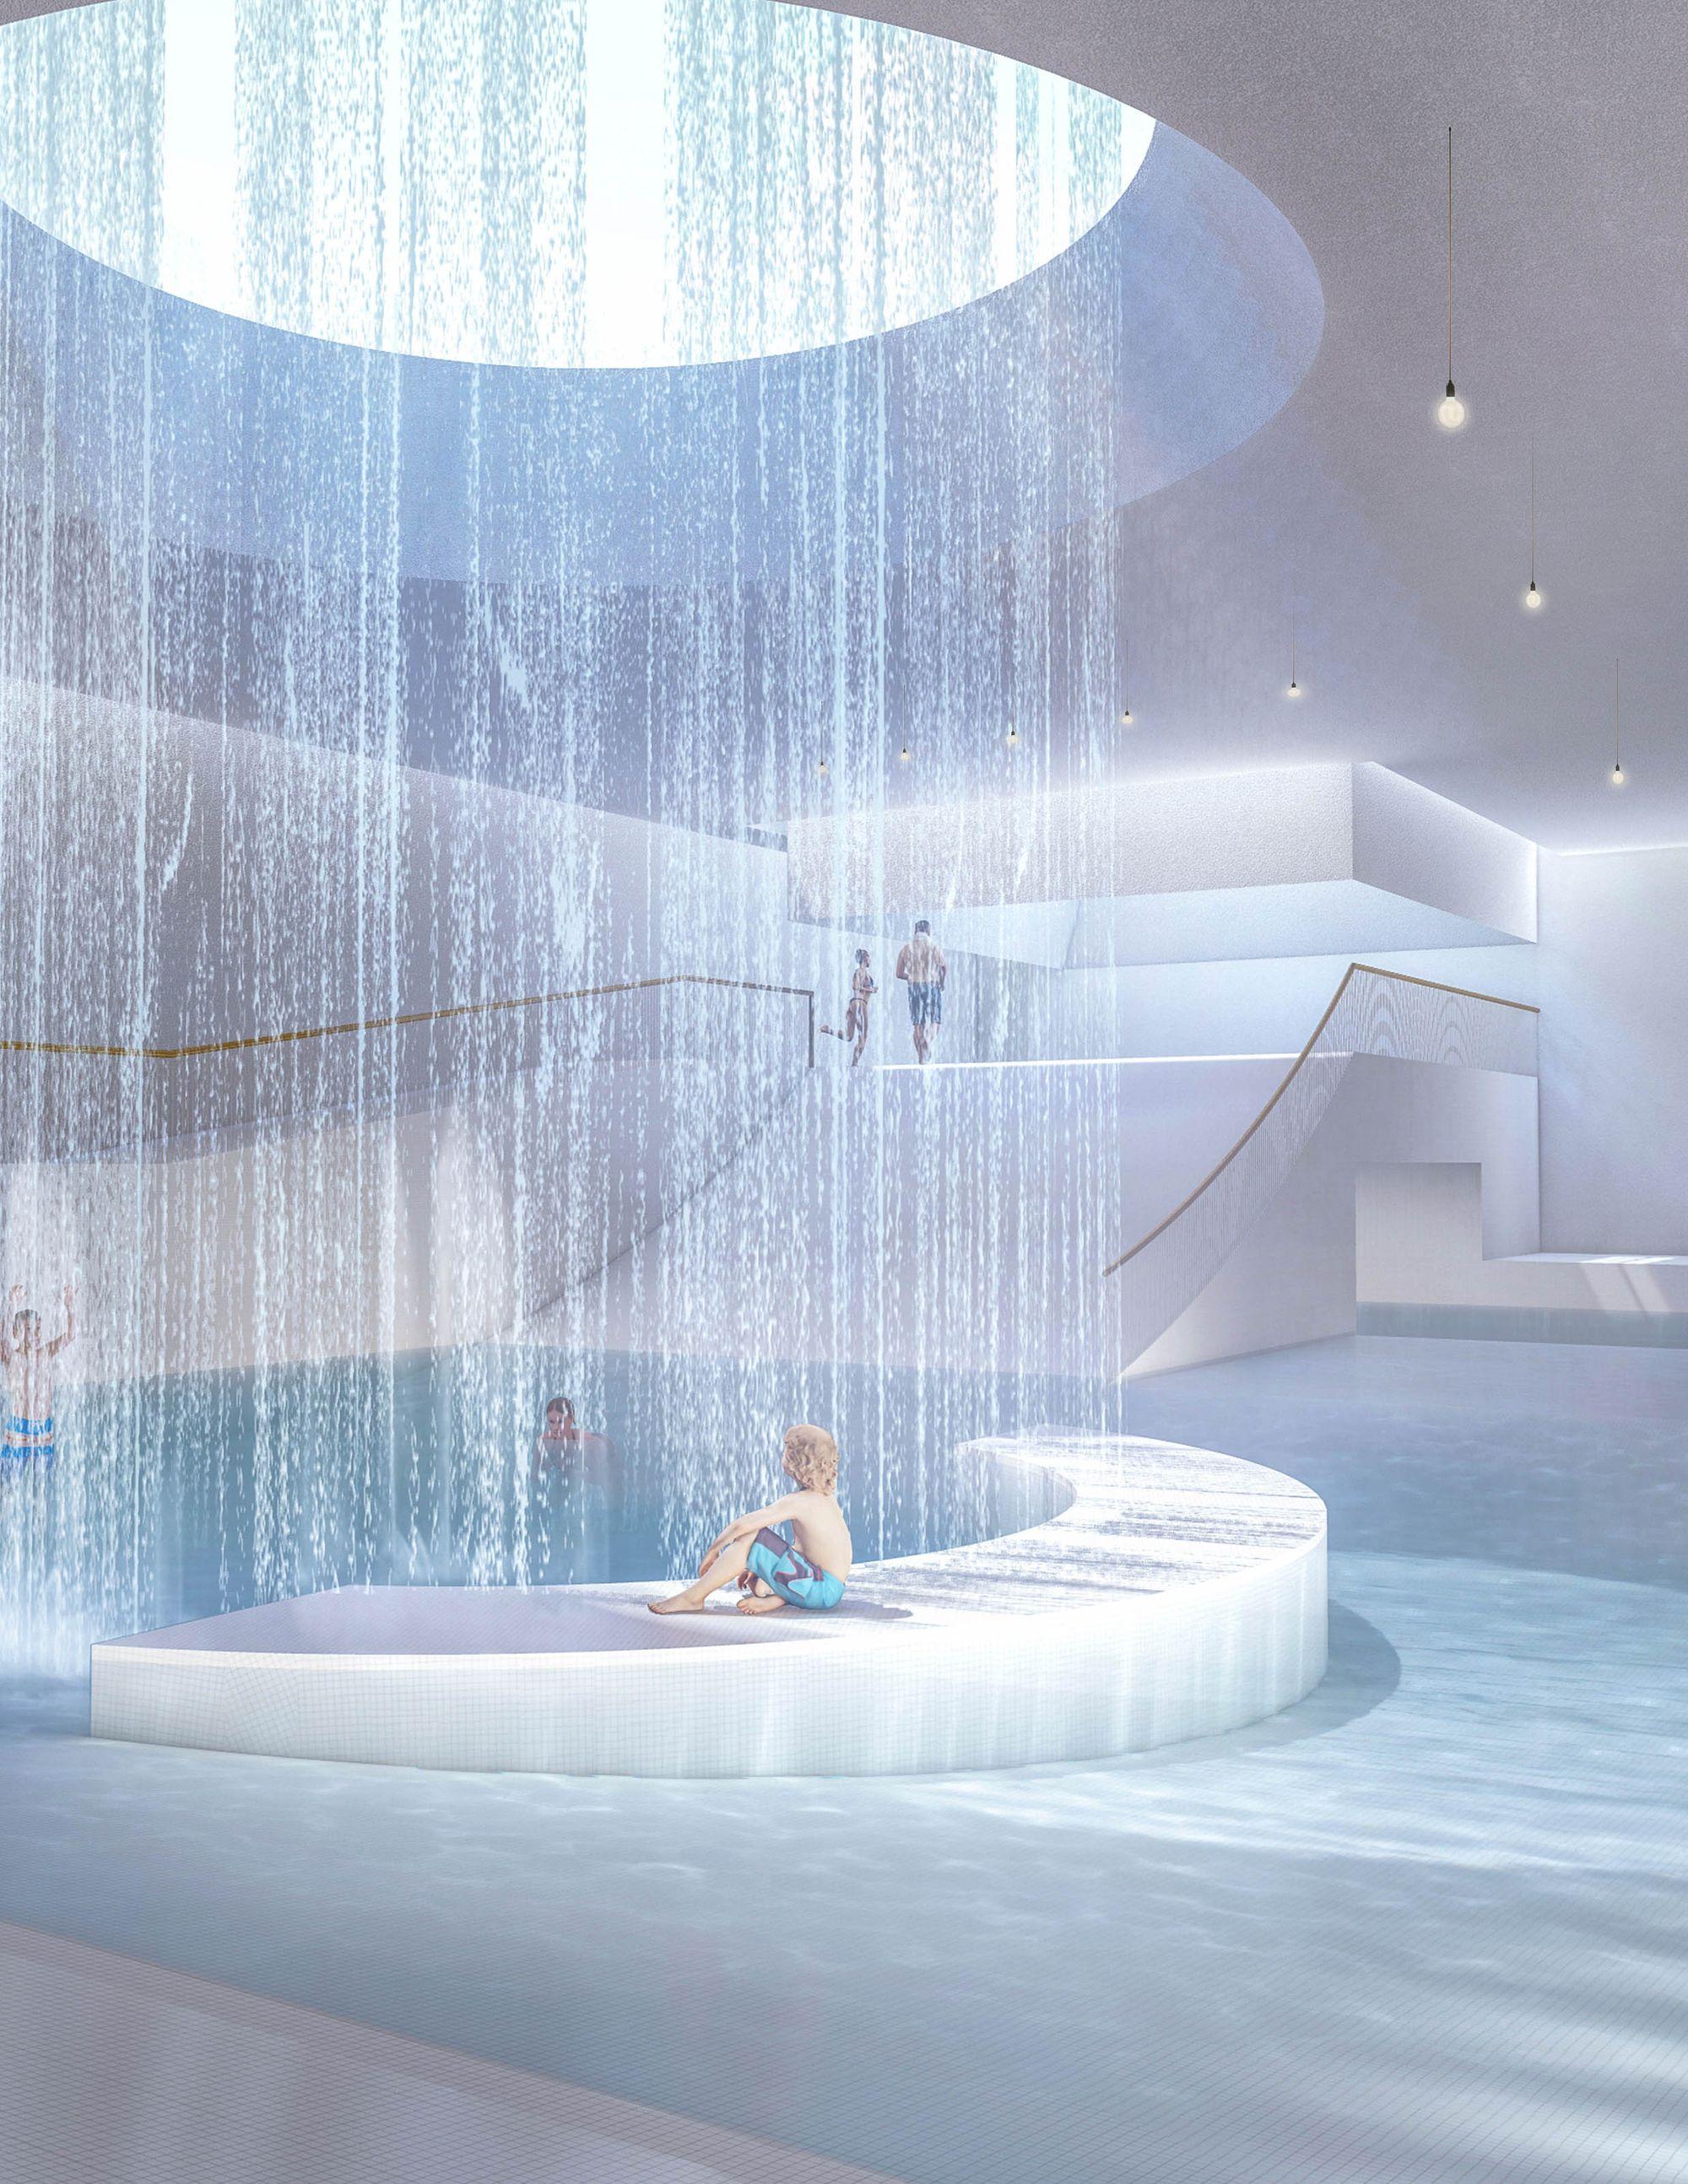 Chunhuiyuan Spa Resort Water Architecture Design Architecture Jobs Water Architecture